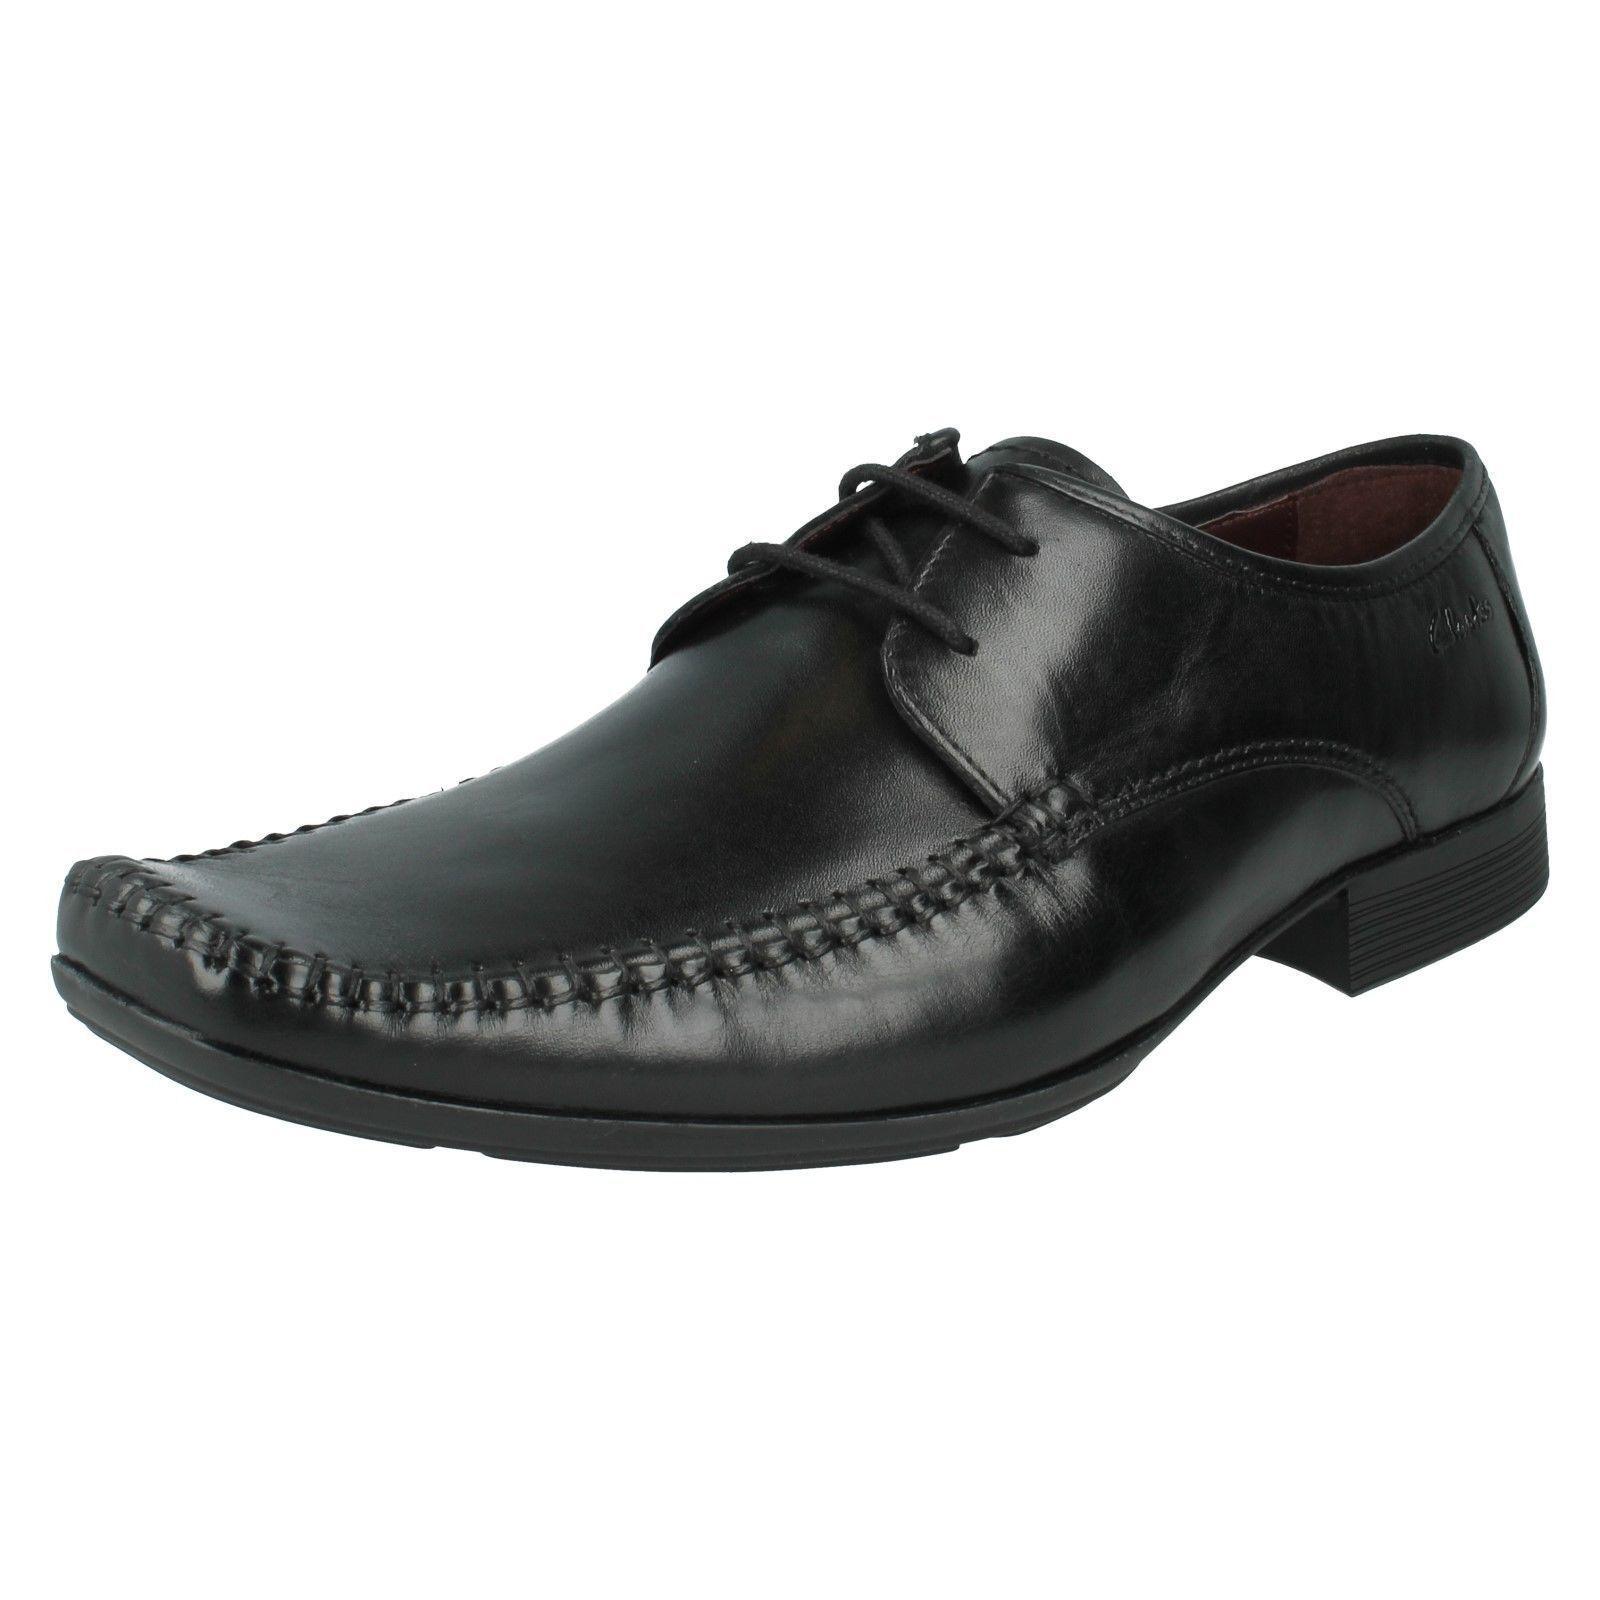 Herren CLARKS BLACK LEATHER LACE FERRO UP SMART Schuhe STYLE FERRO LACE WALK 373cc0